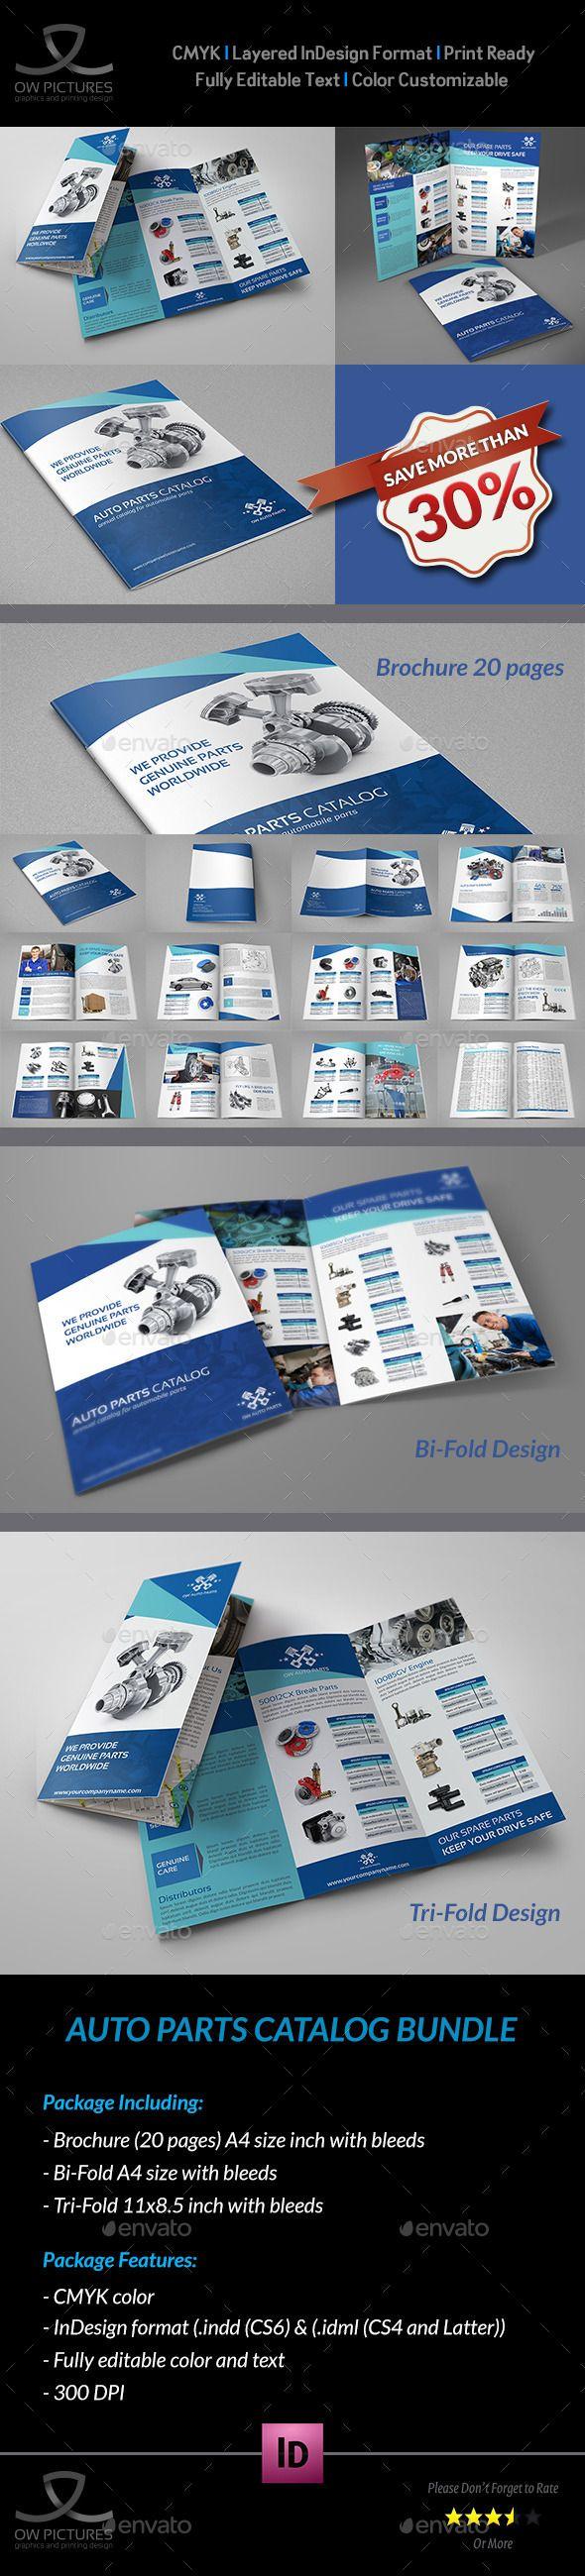 Auto Parts Catalog Brochure Bundle Template PSD #design Download: http://graphicriver.net/item/auto-parts-catalog-brochure-bundle-template/13646105?ref=ksioks